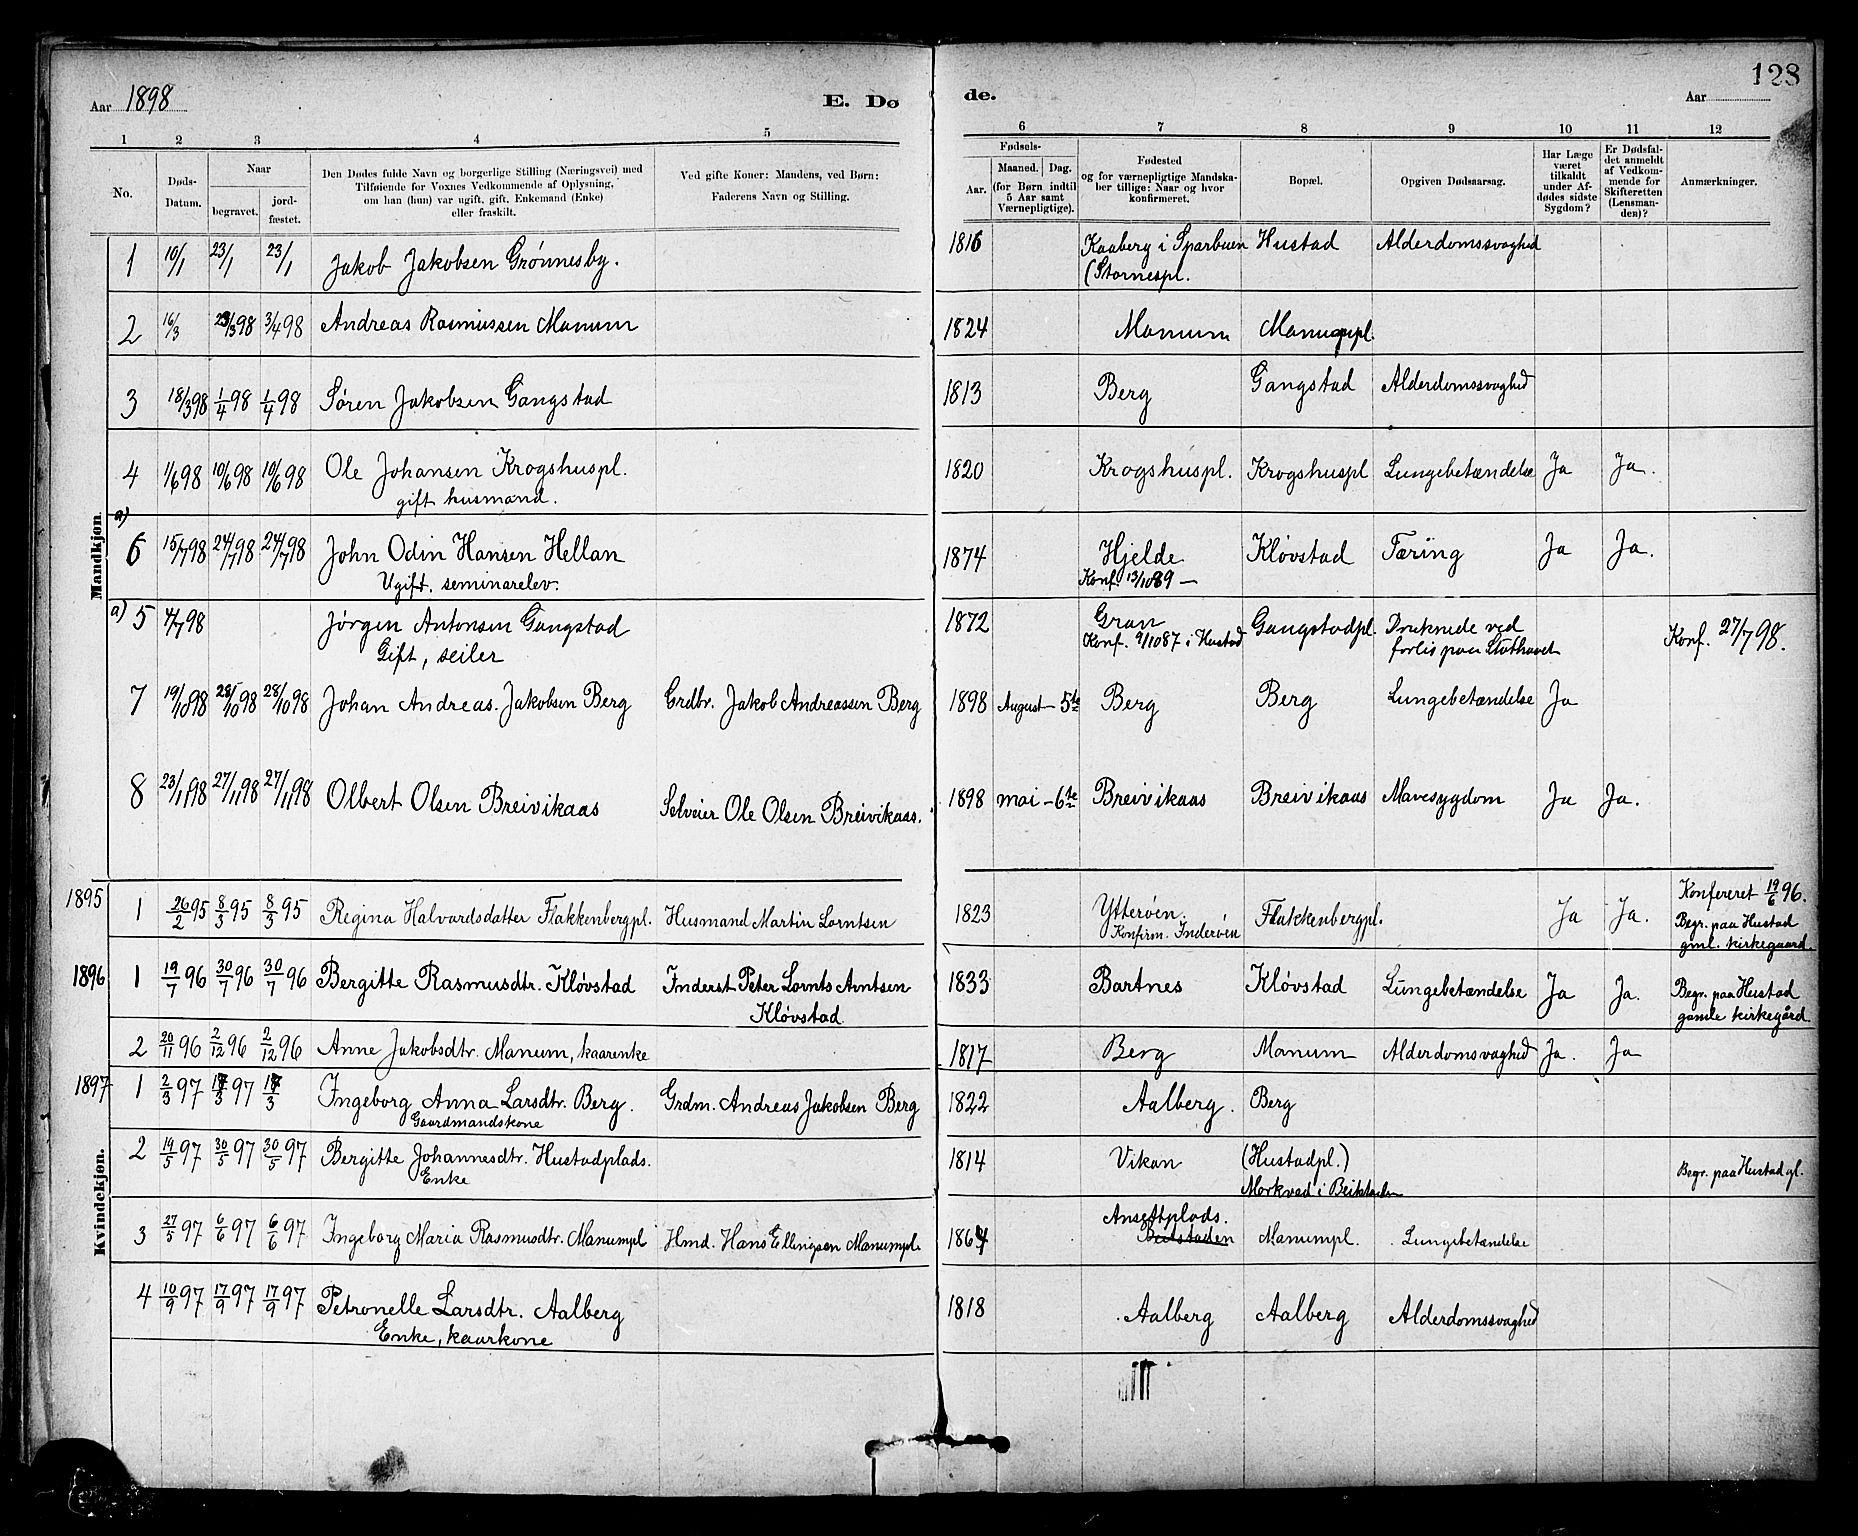 SAT, Ministerialprotokoller, klokkerbøker og fødselsregistre - Nord-Trøndelag, 732/L0318: Klokkerbok nr. 732C02, 1881-1911, s. 128